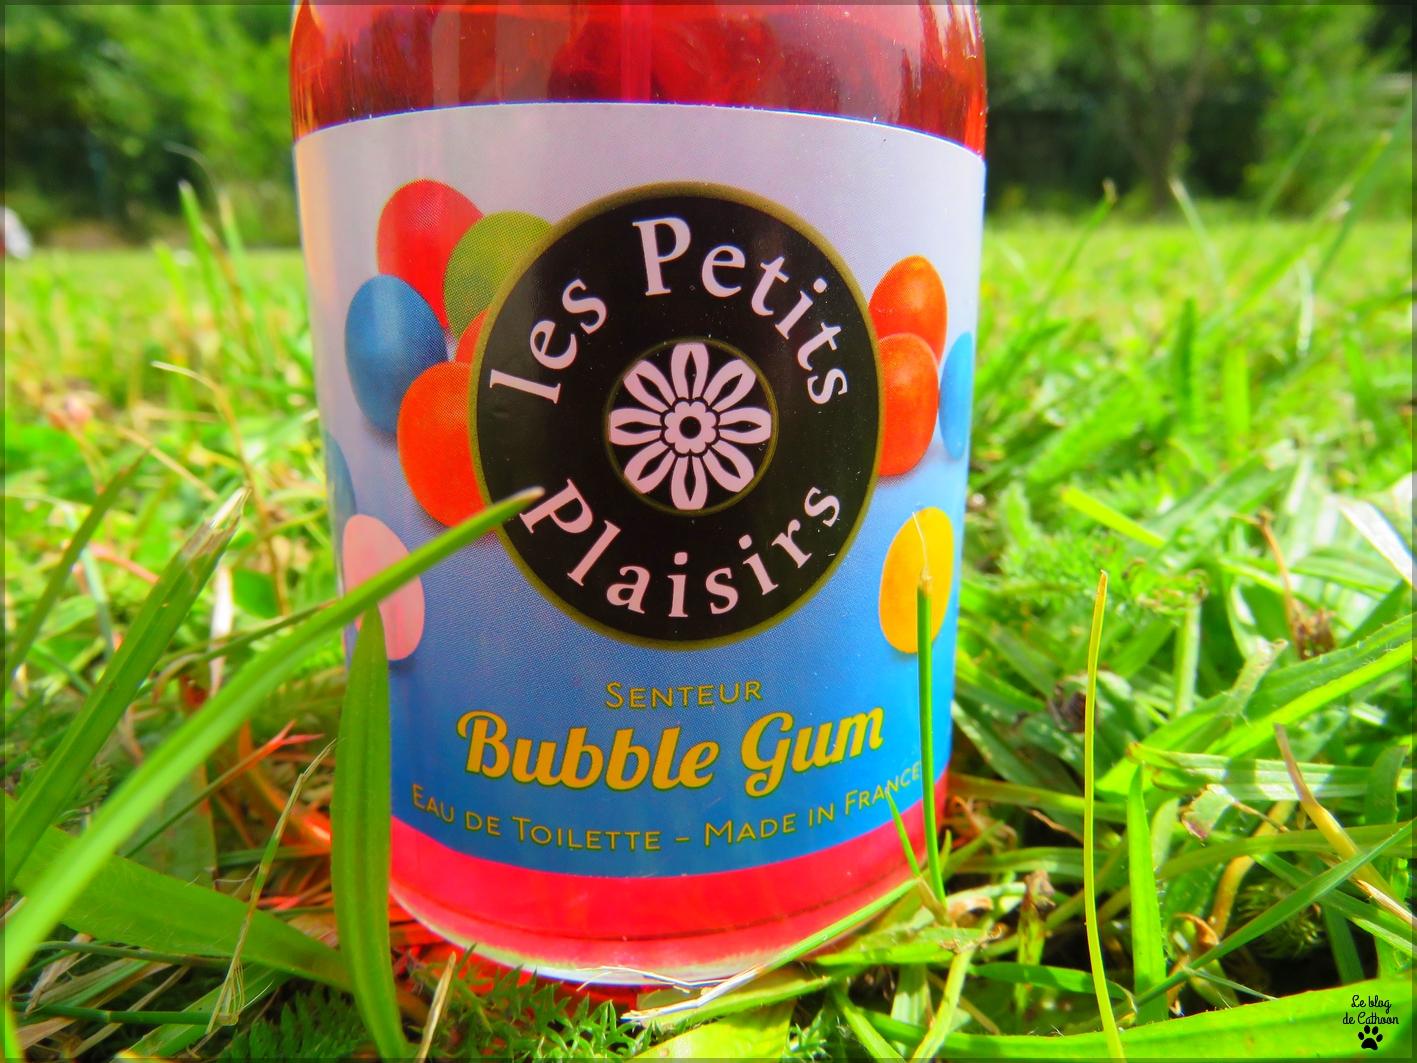 Bubble Gum - Eau de Toilette - Les Petits Plaisirs